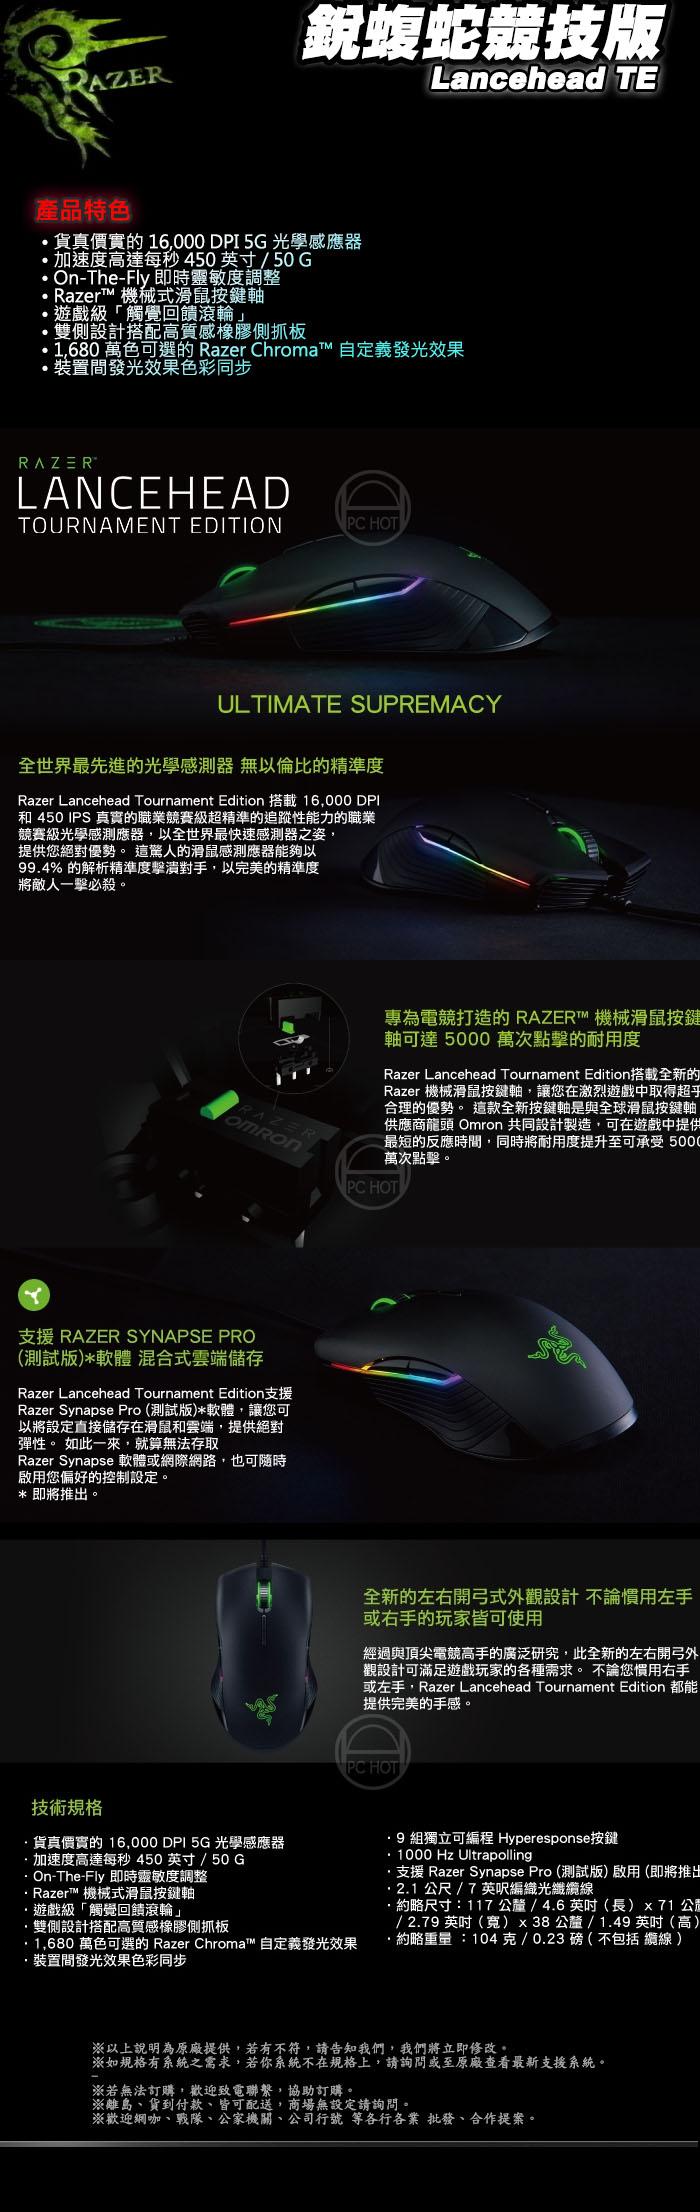 Razer Lancehead Ambidextrous Wireless Gaming Mouse